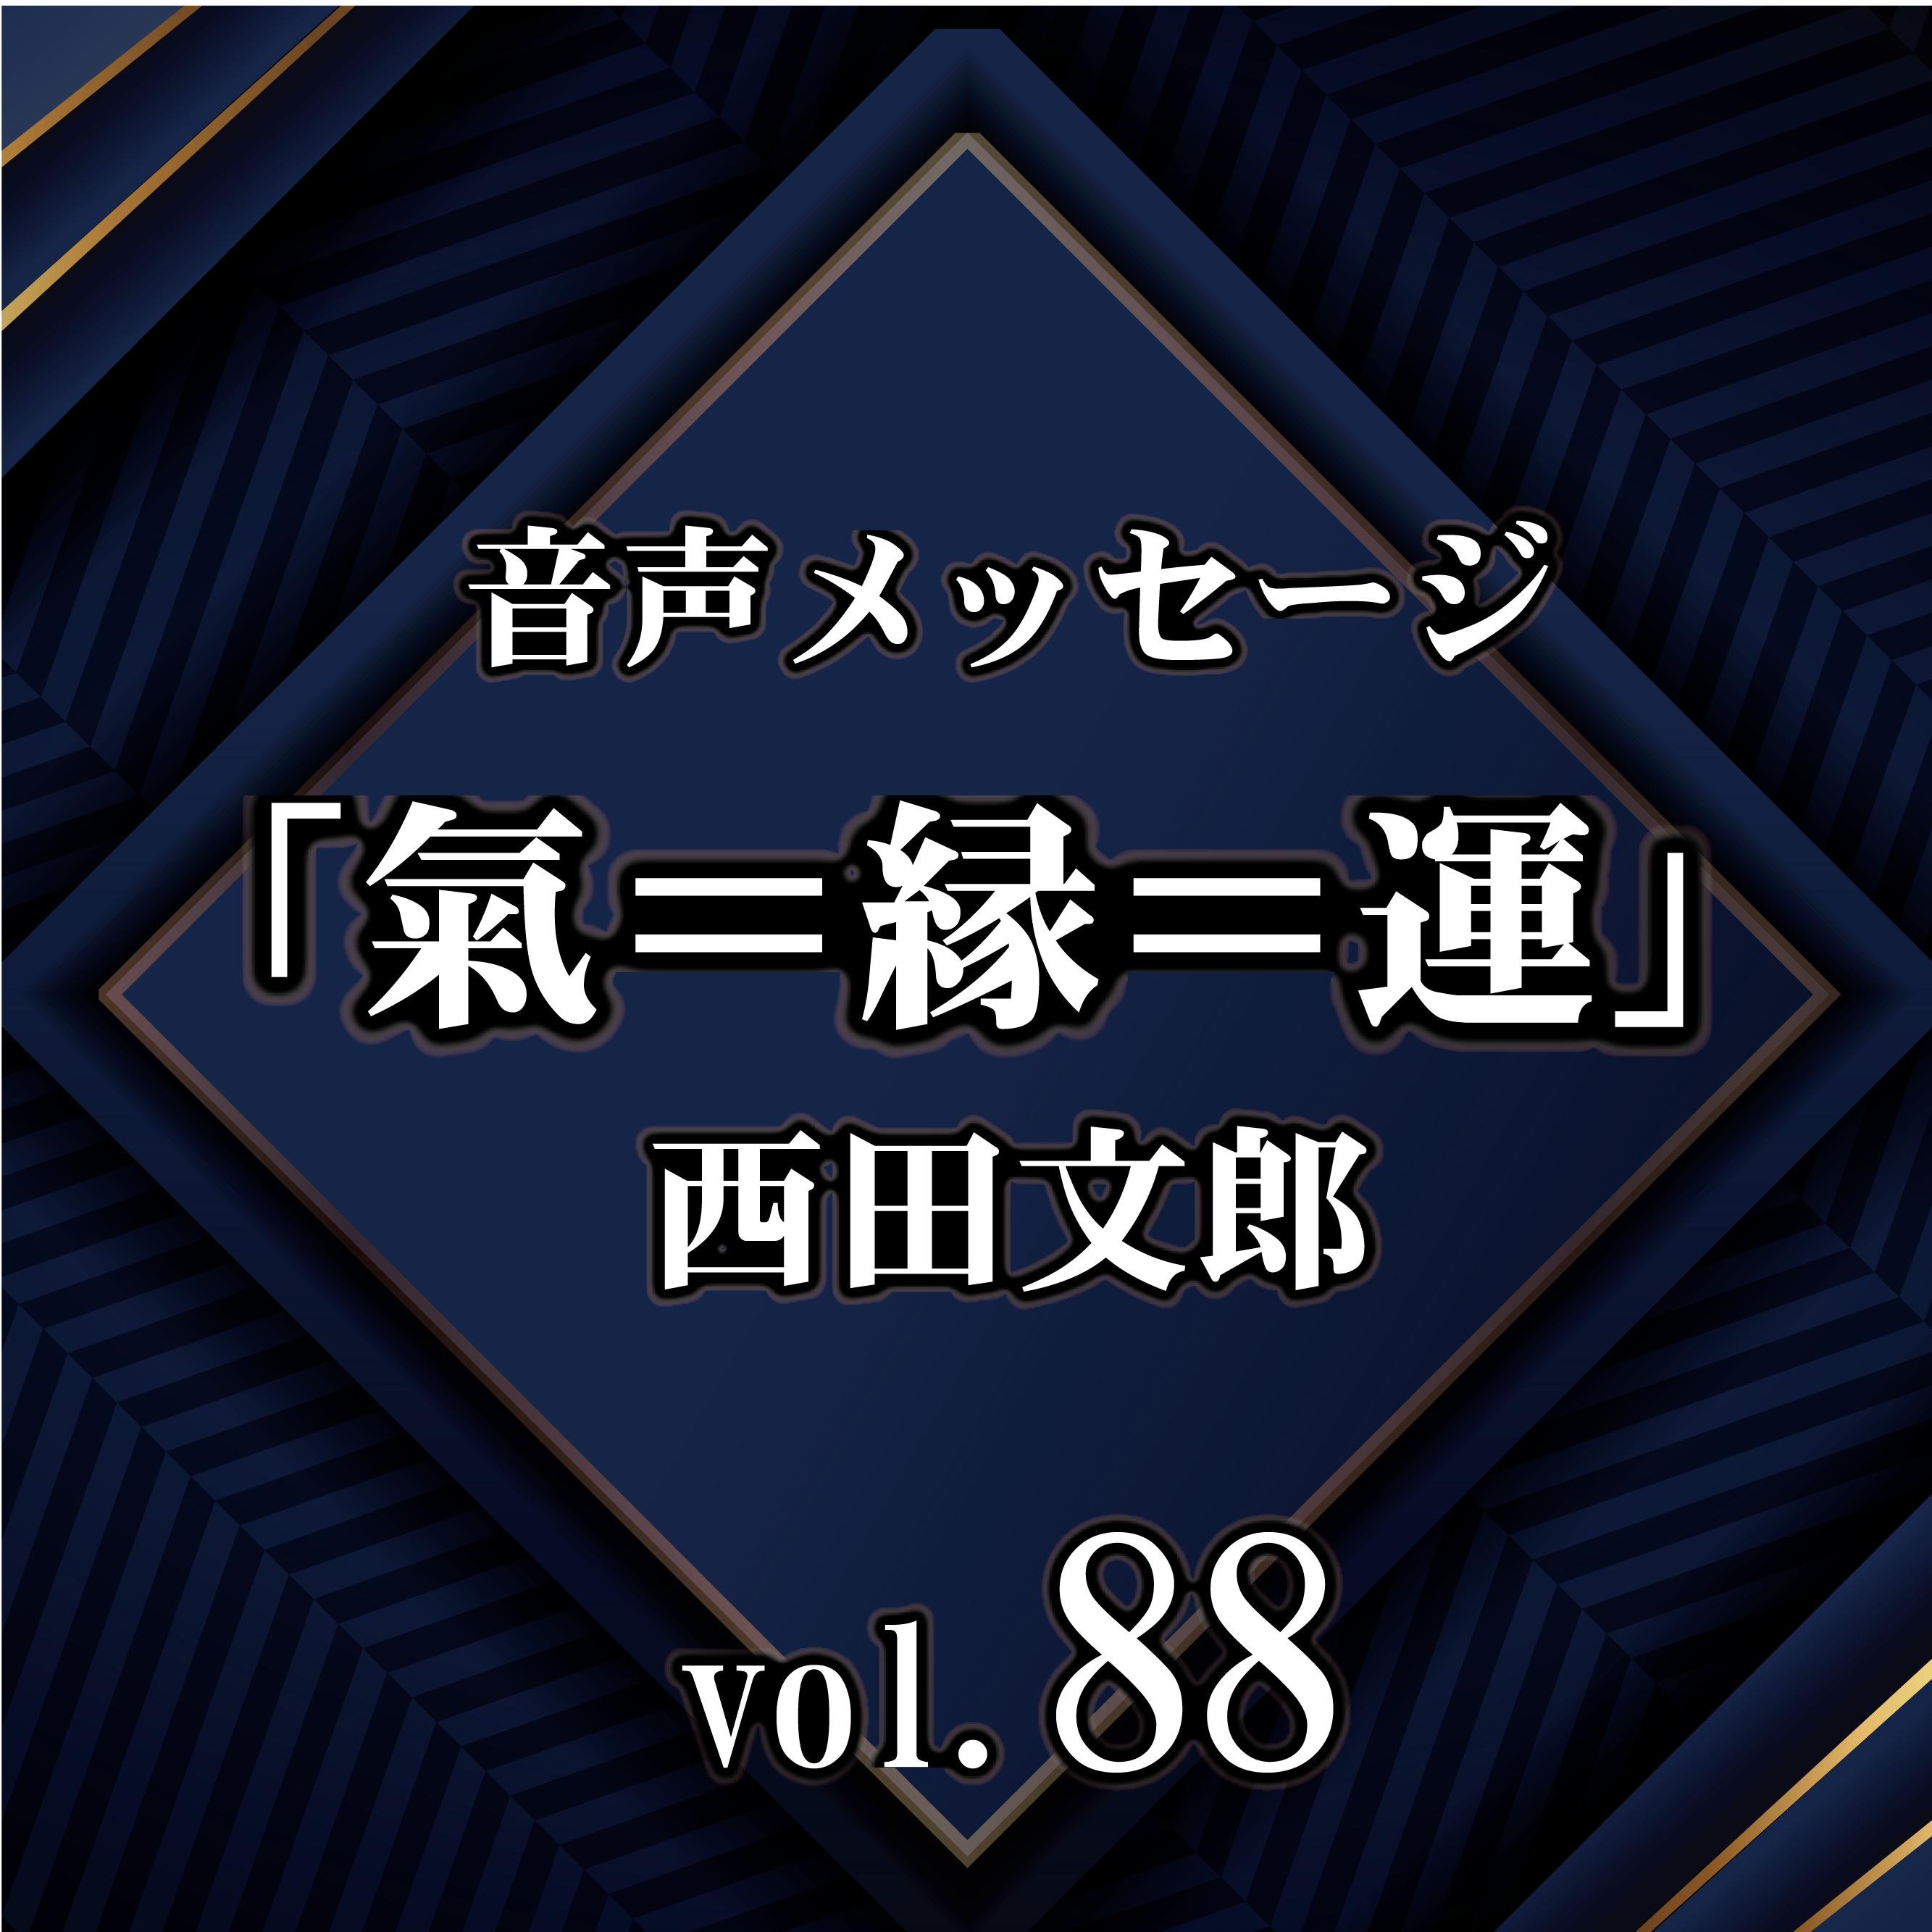 西田文郎 音声メッセージvol.88『氣=縁=運』